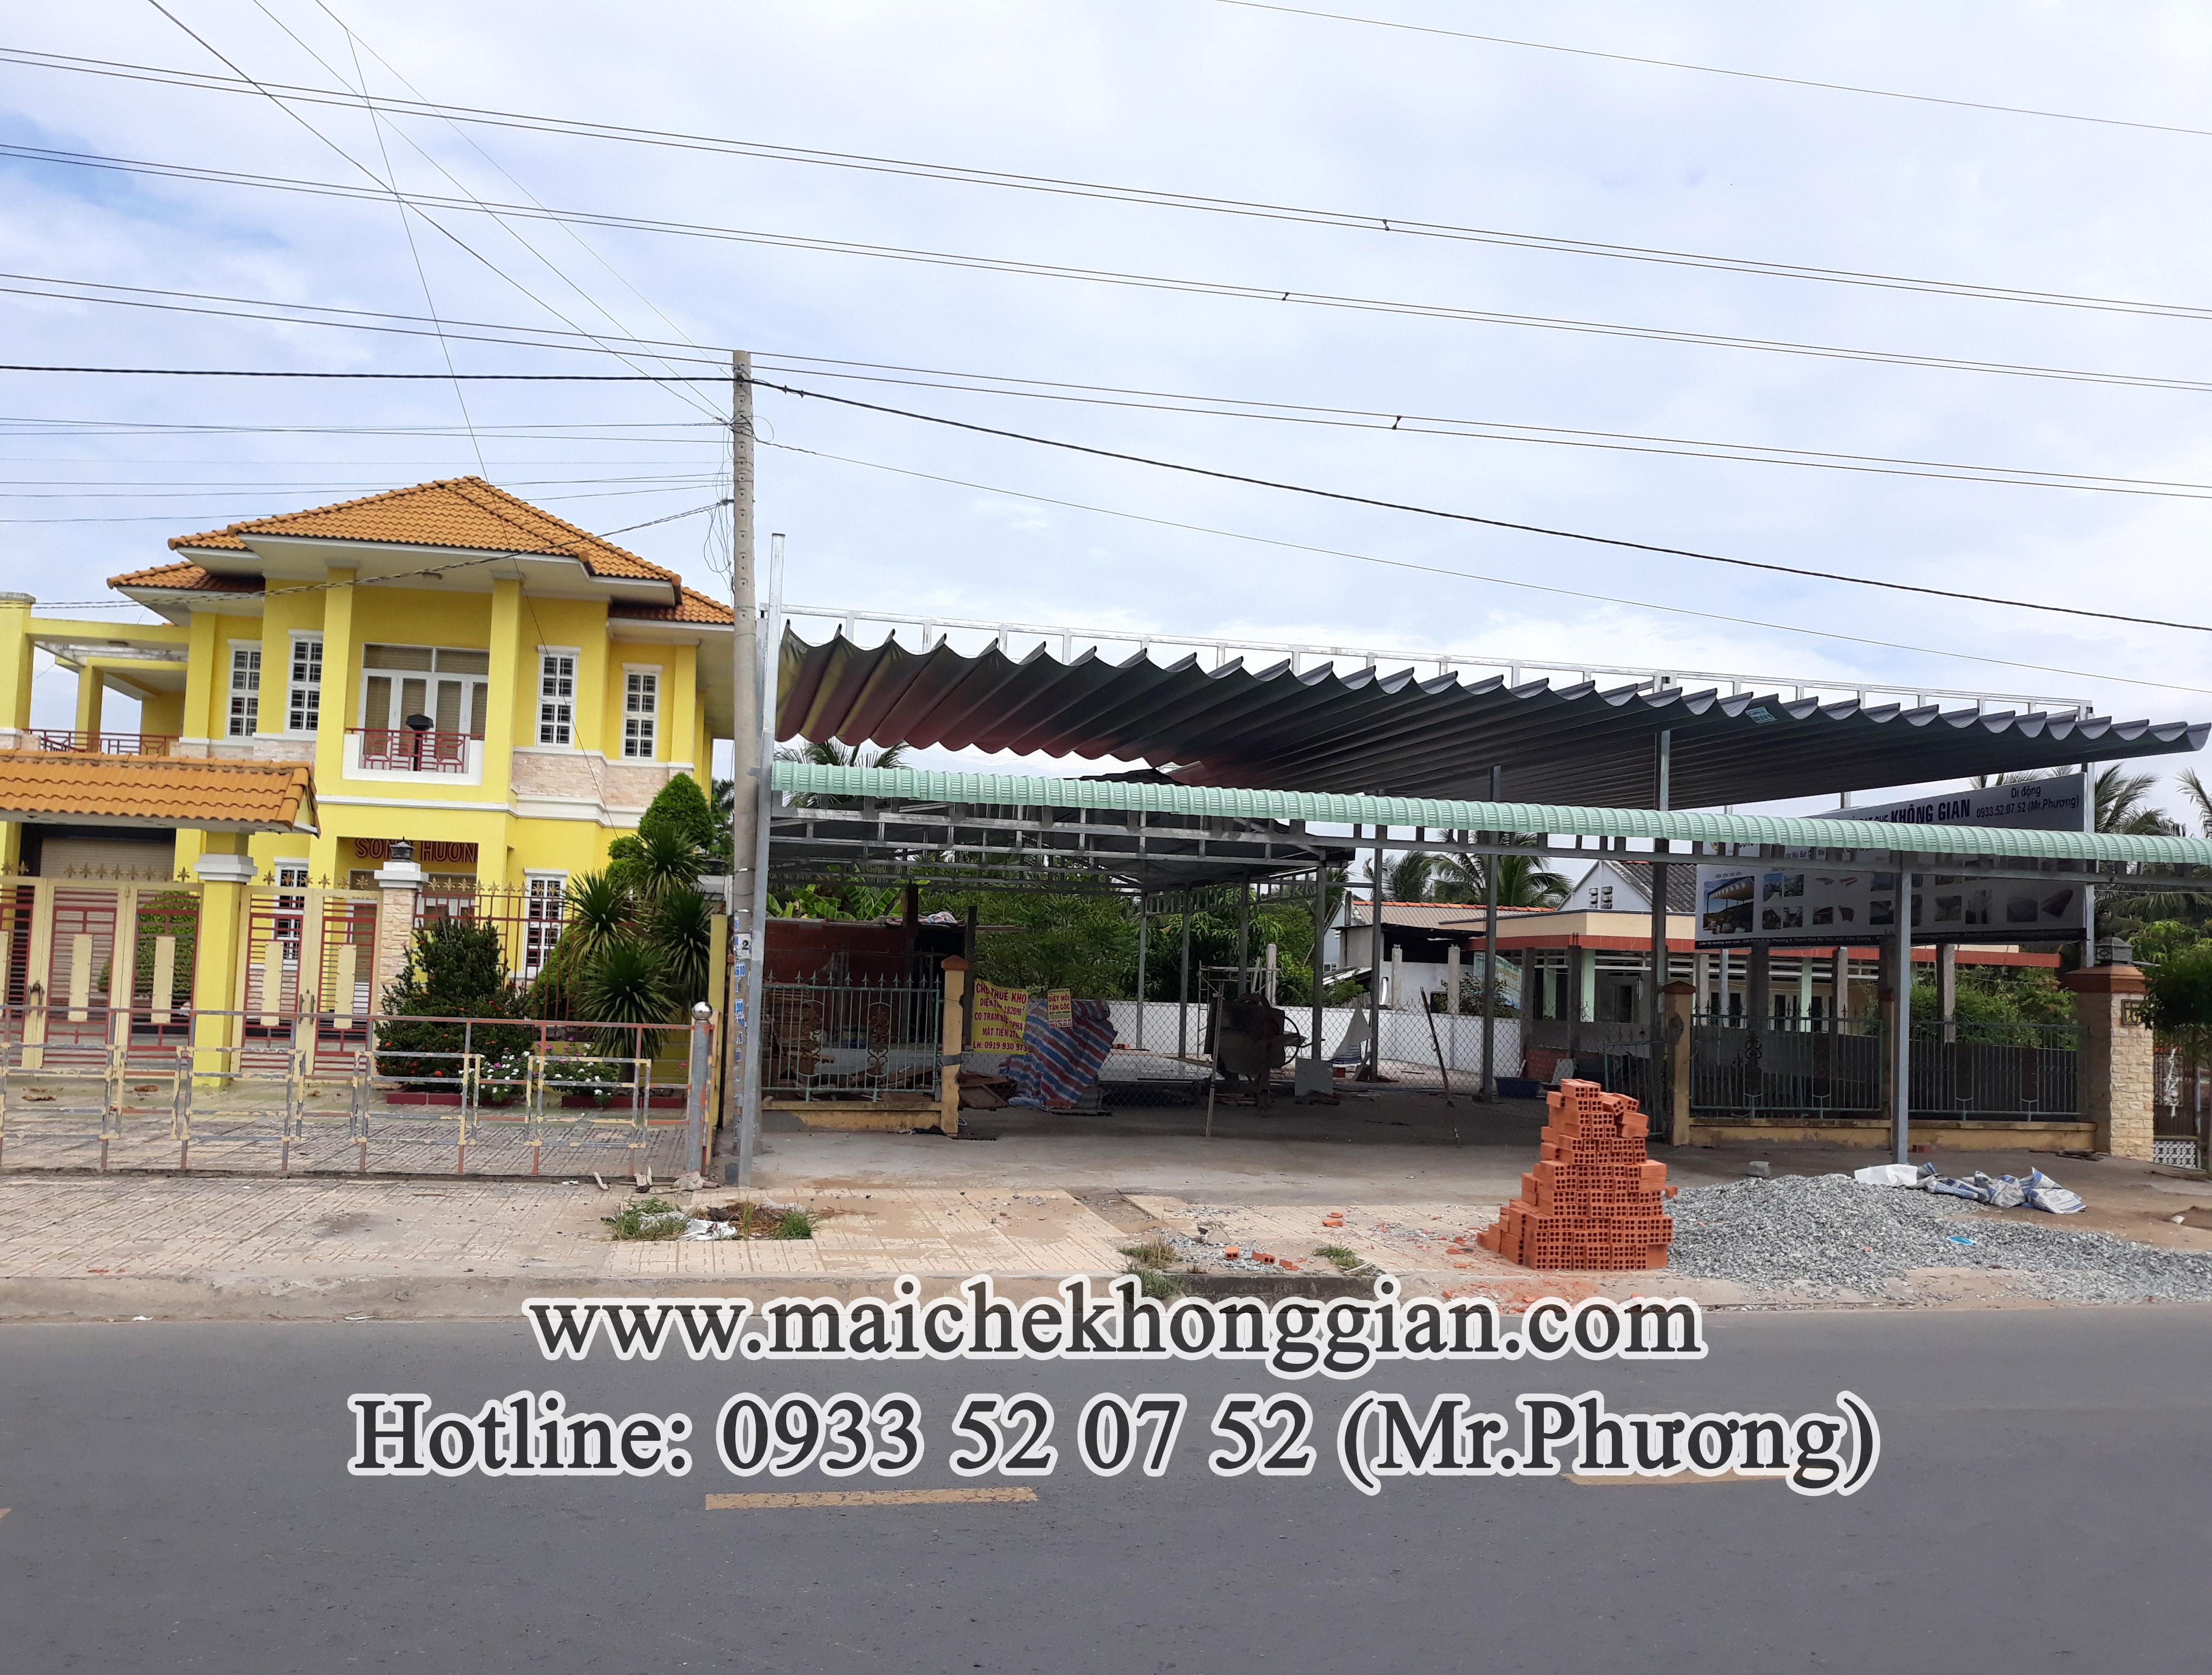 Thay bạt mái che Chợ Gạo Tiền Giang